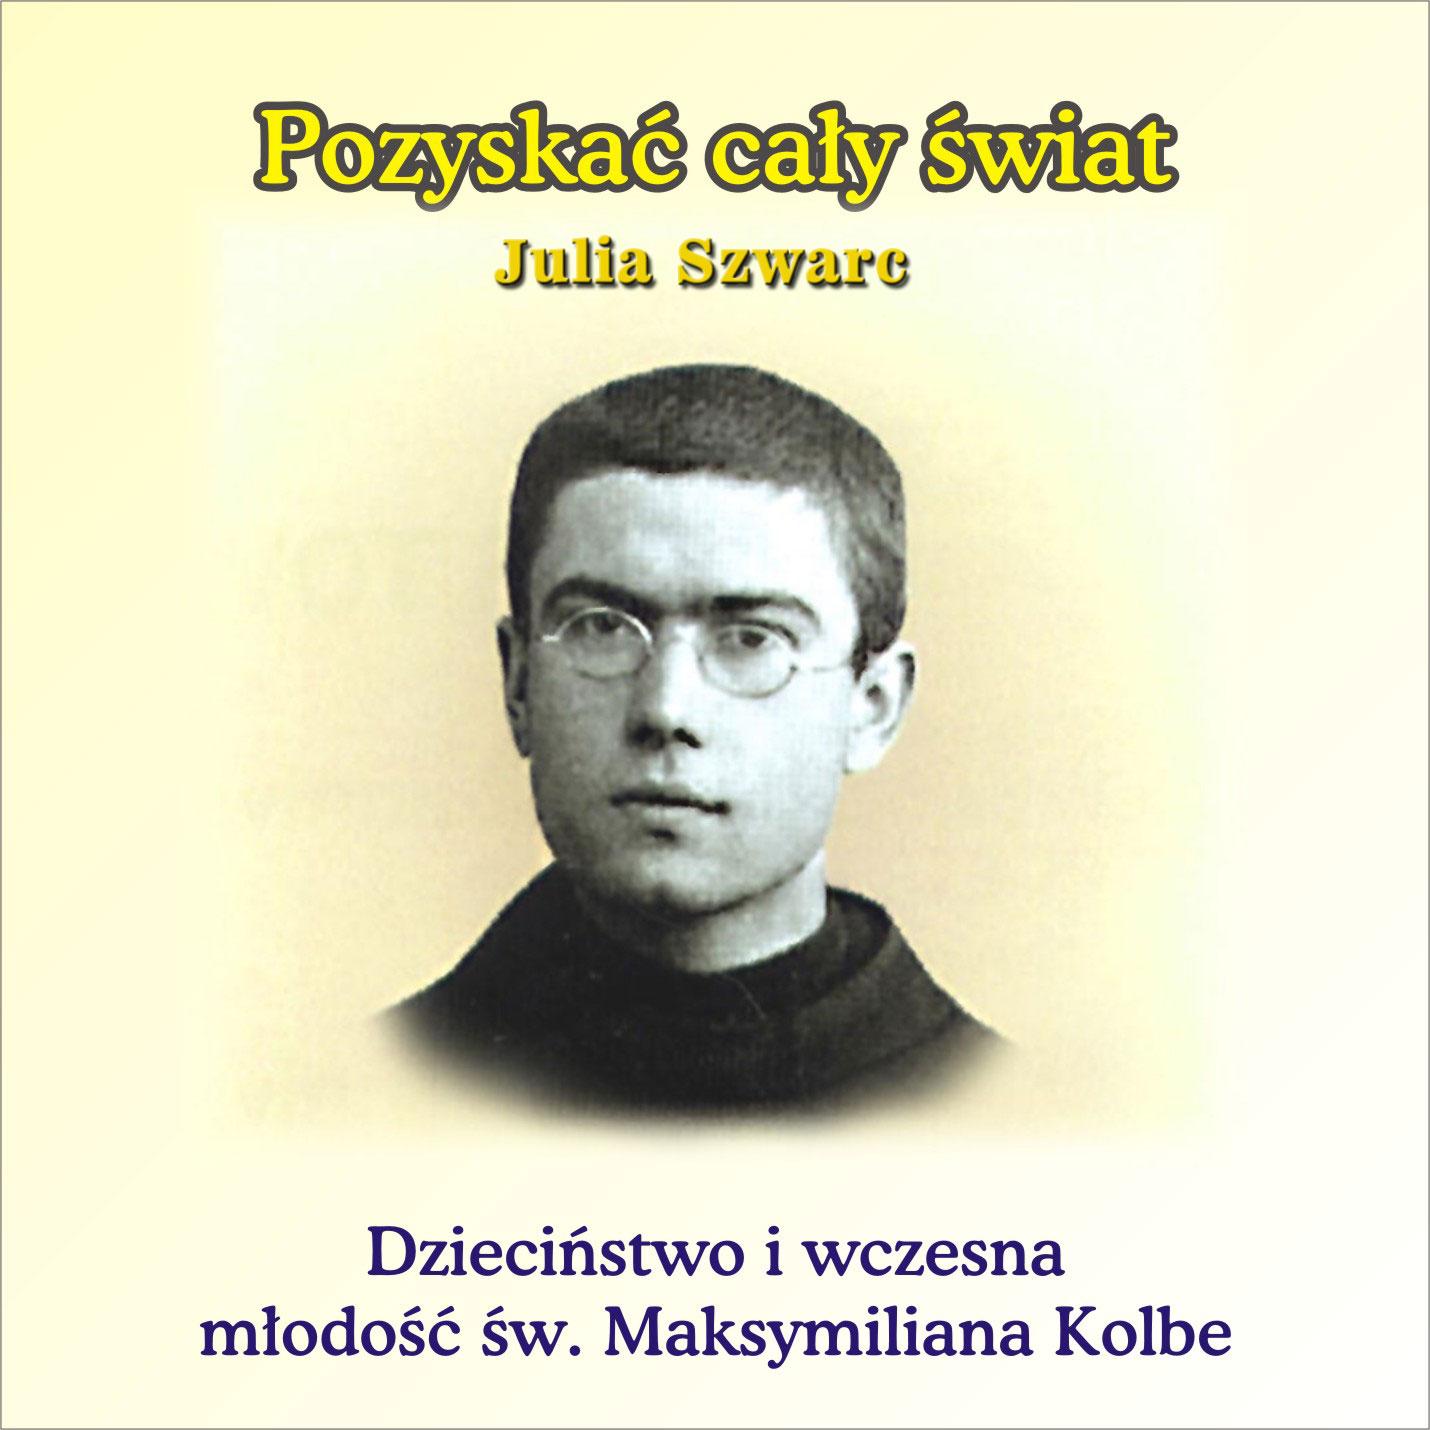 Pozyskać cały świat - biografia Maksymiliana Kolbe